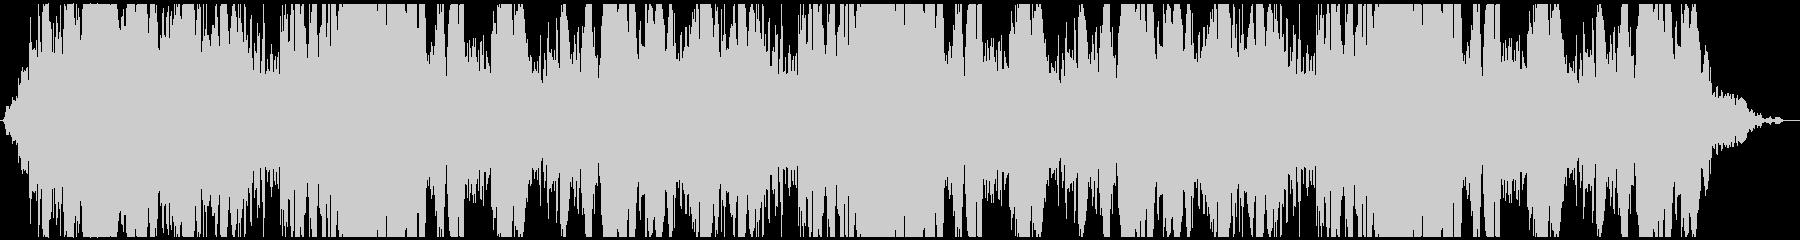 ドローン スプライス02の未再生の波形